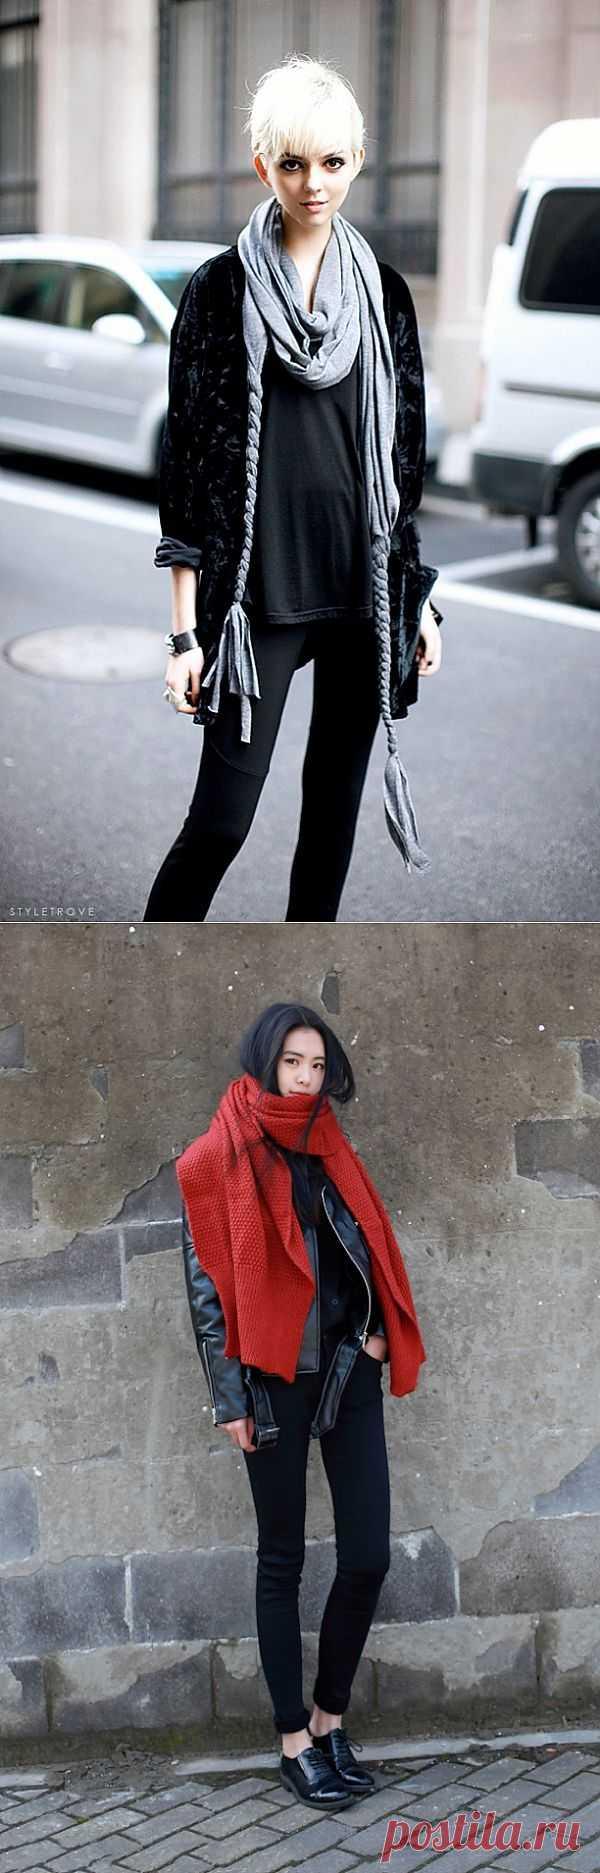 Два интересных шарфика / Шарфы / Модный сайт о стильной переделке одежды и интерьера